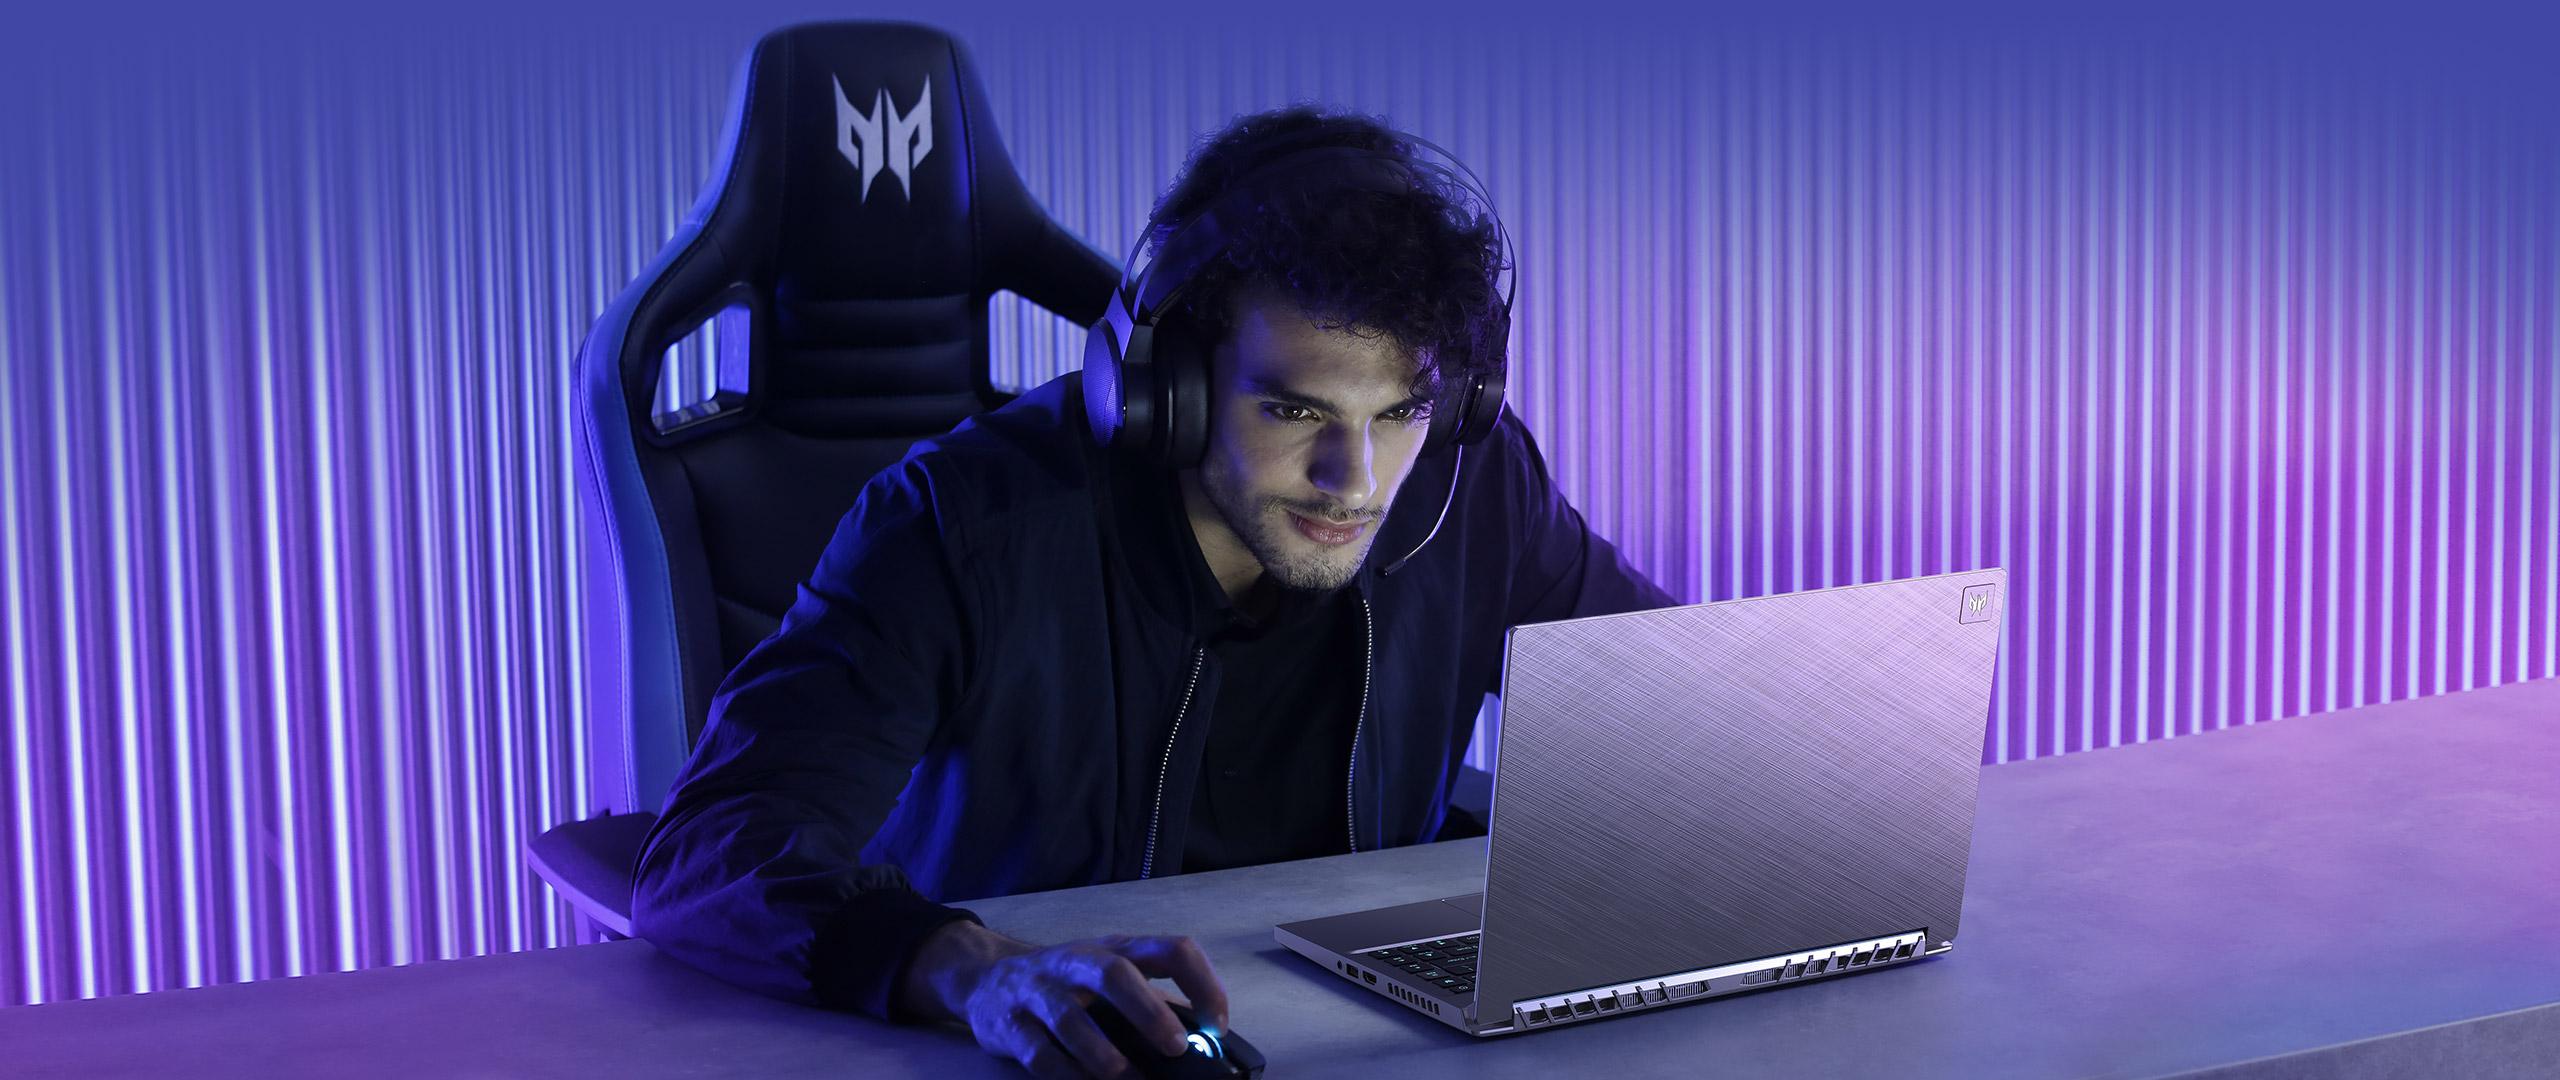 Foto de Acer: Guía abreviada para el futuro gamer profesional